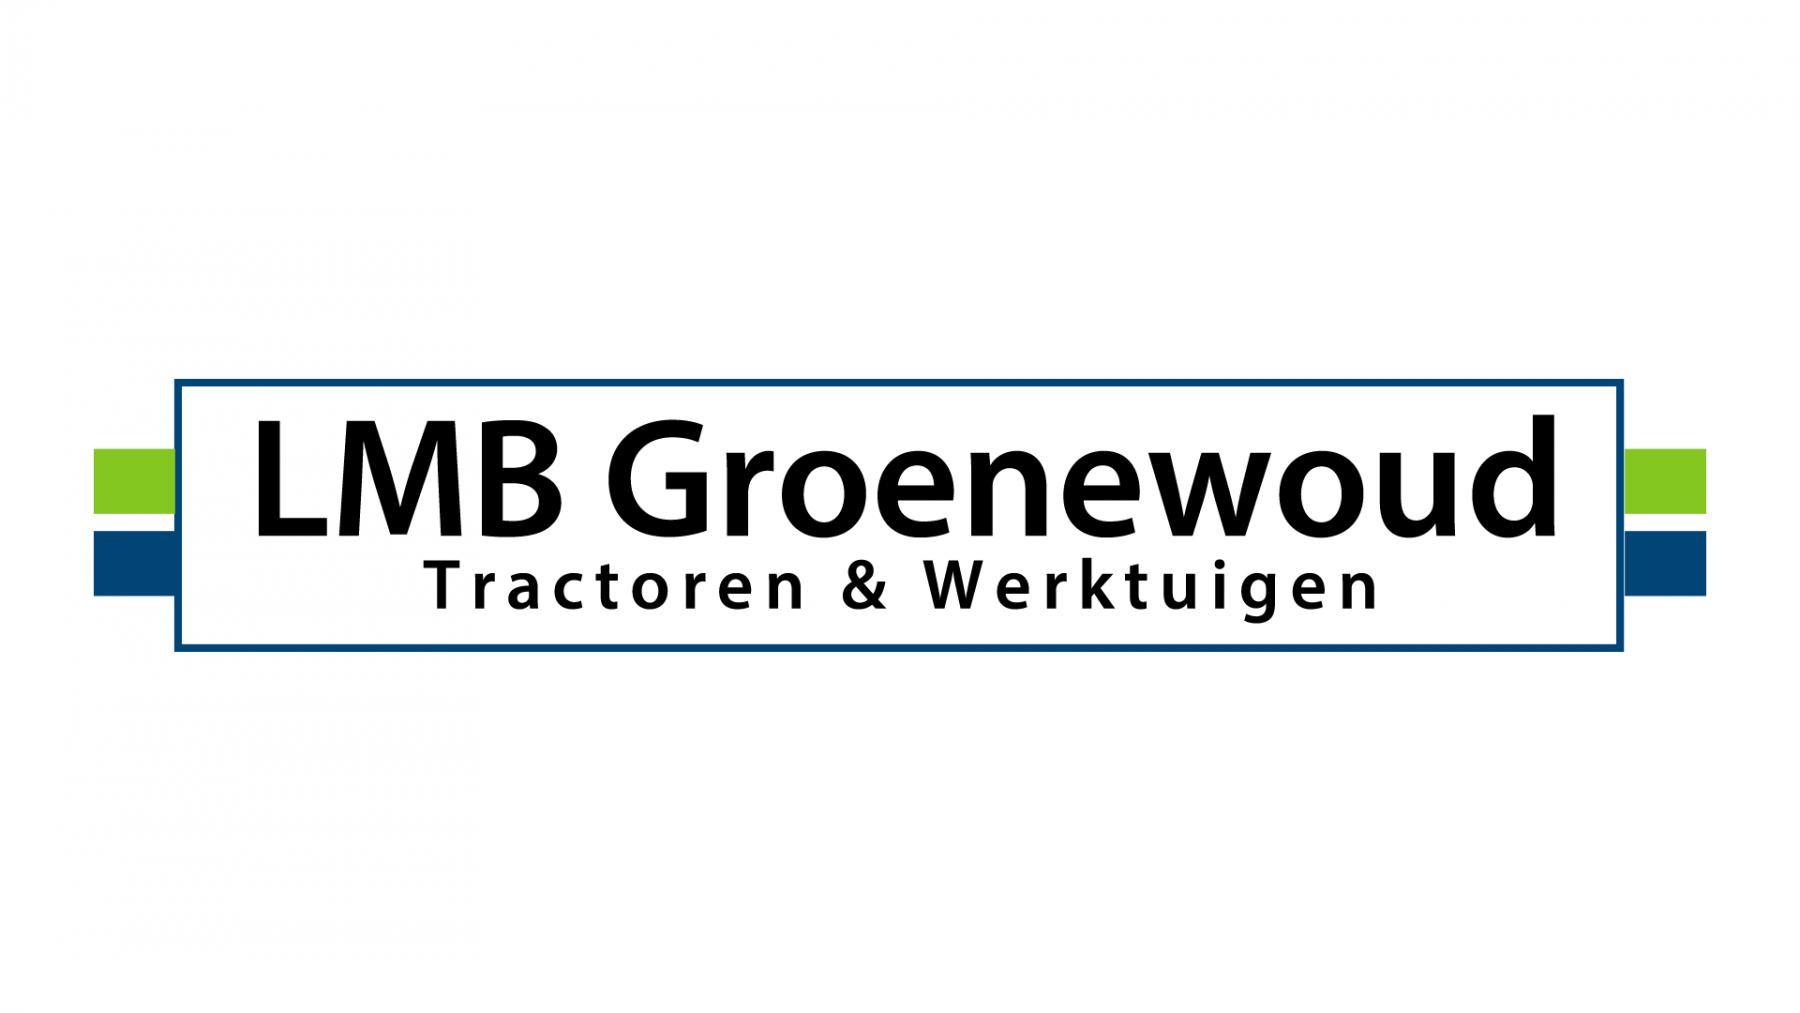 LMB-Groenewoud.fw_